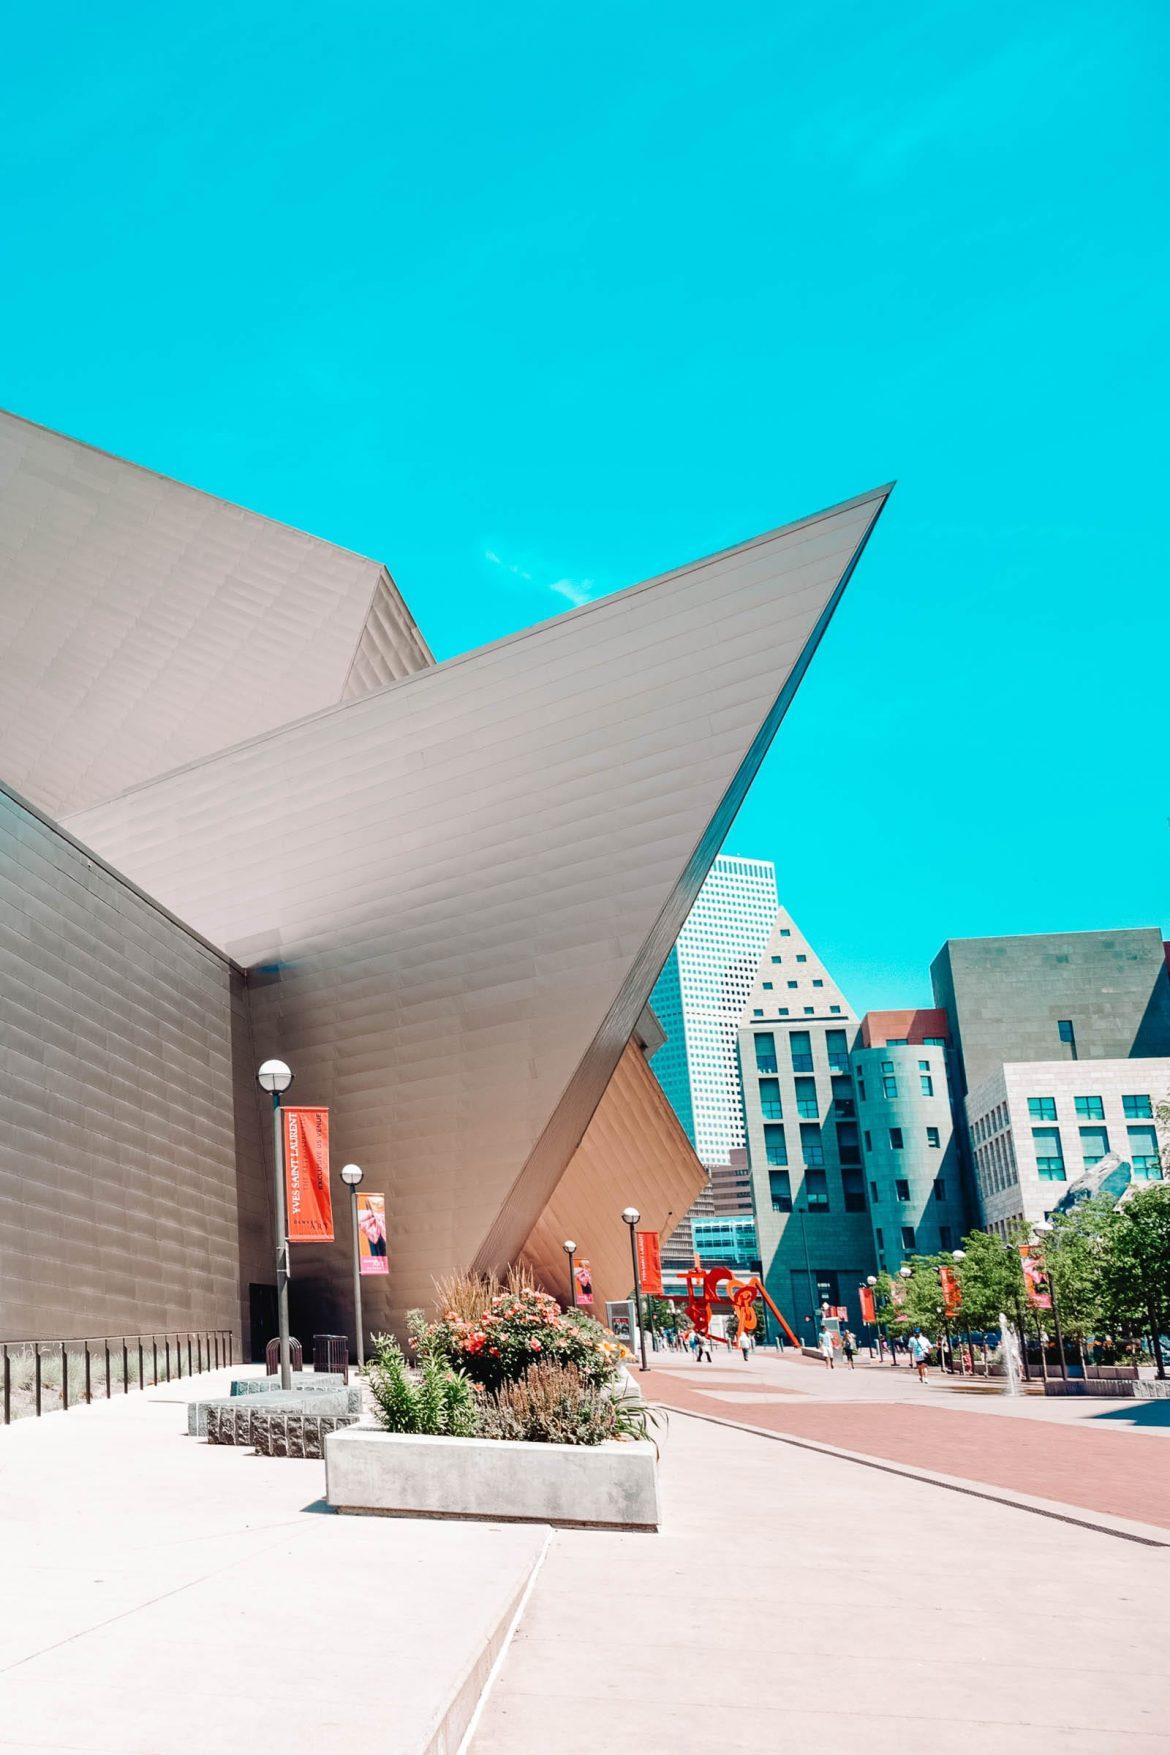 10 лучших занятий в Денвере, штат Колорадо